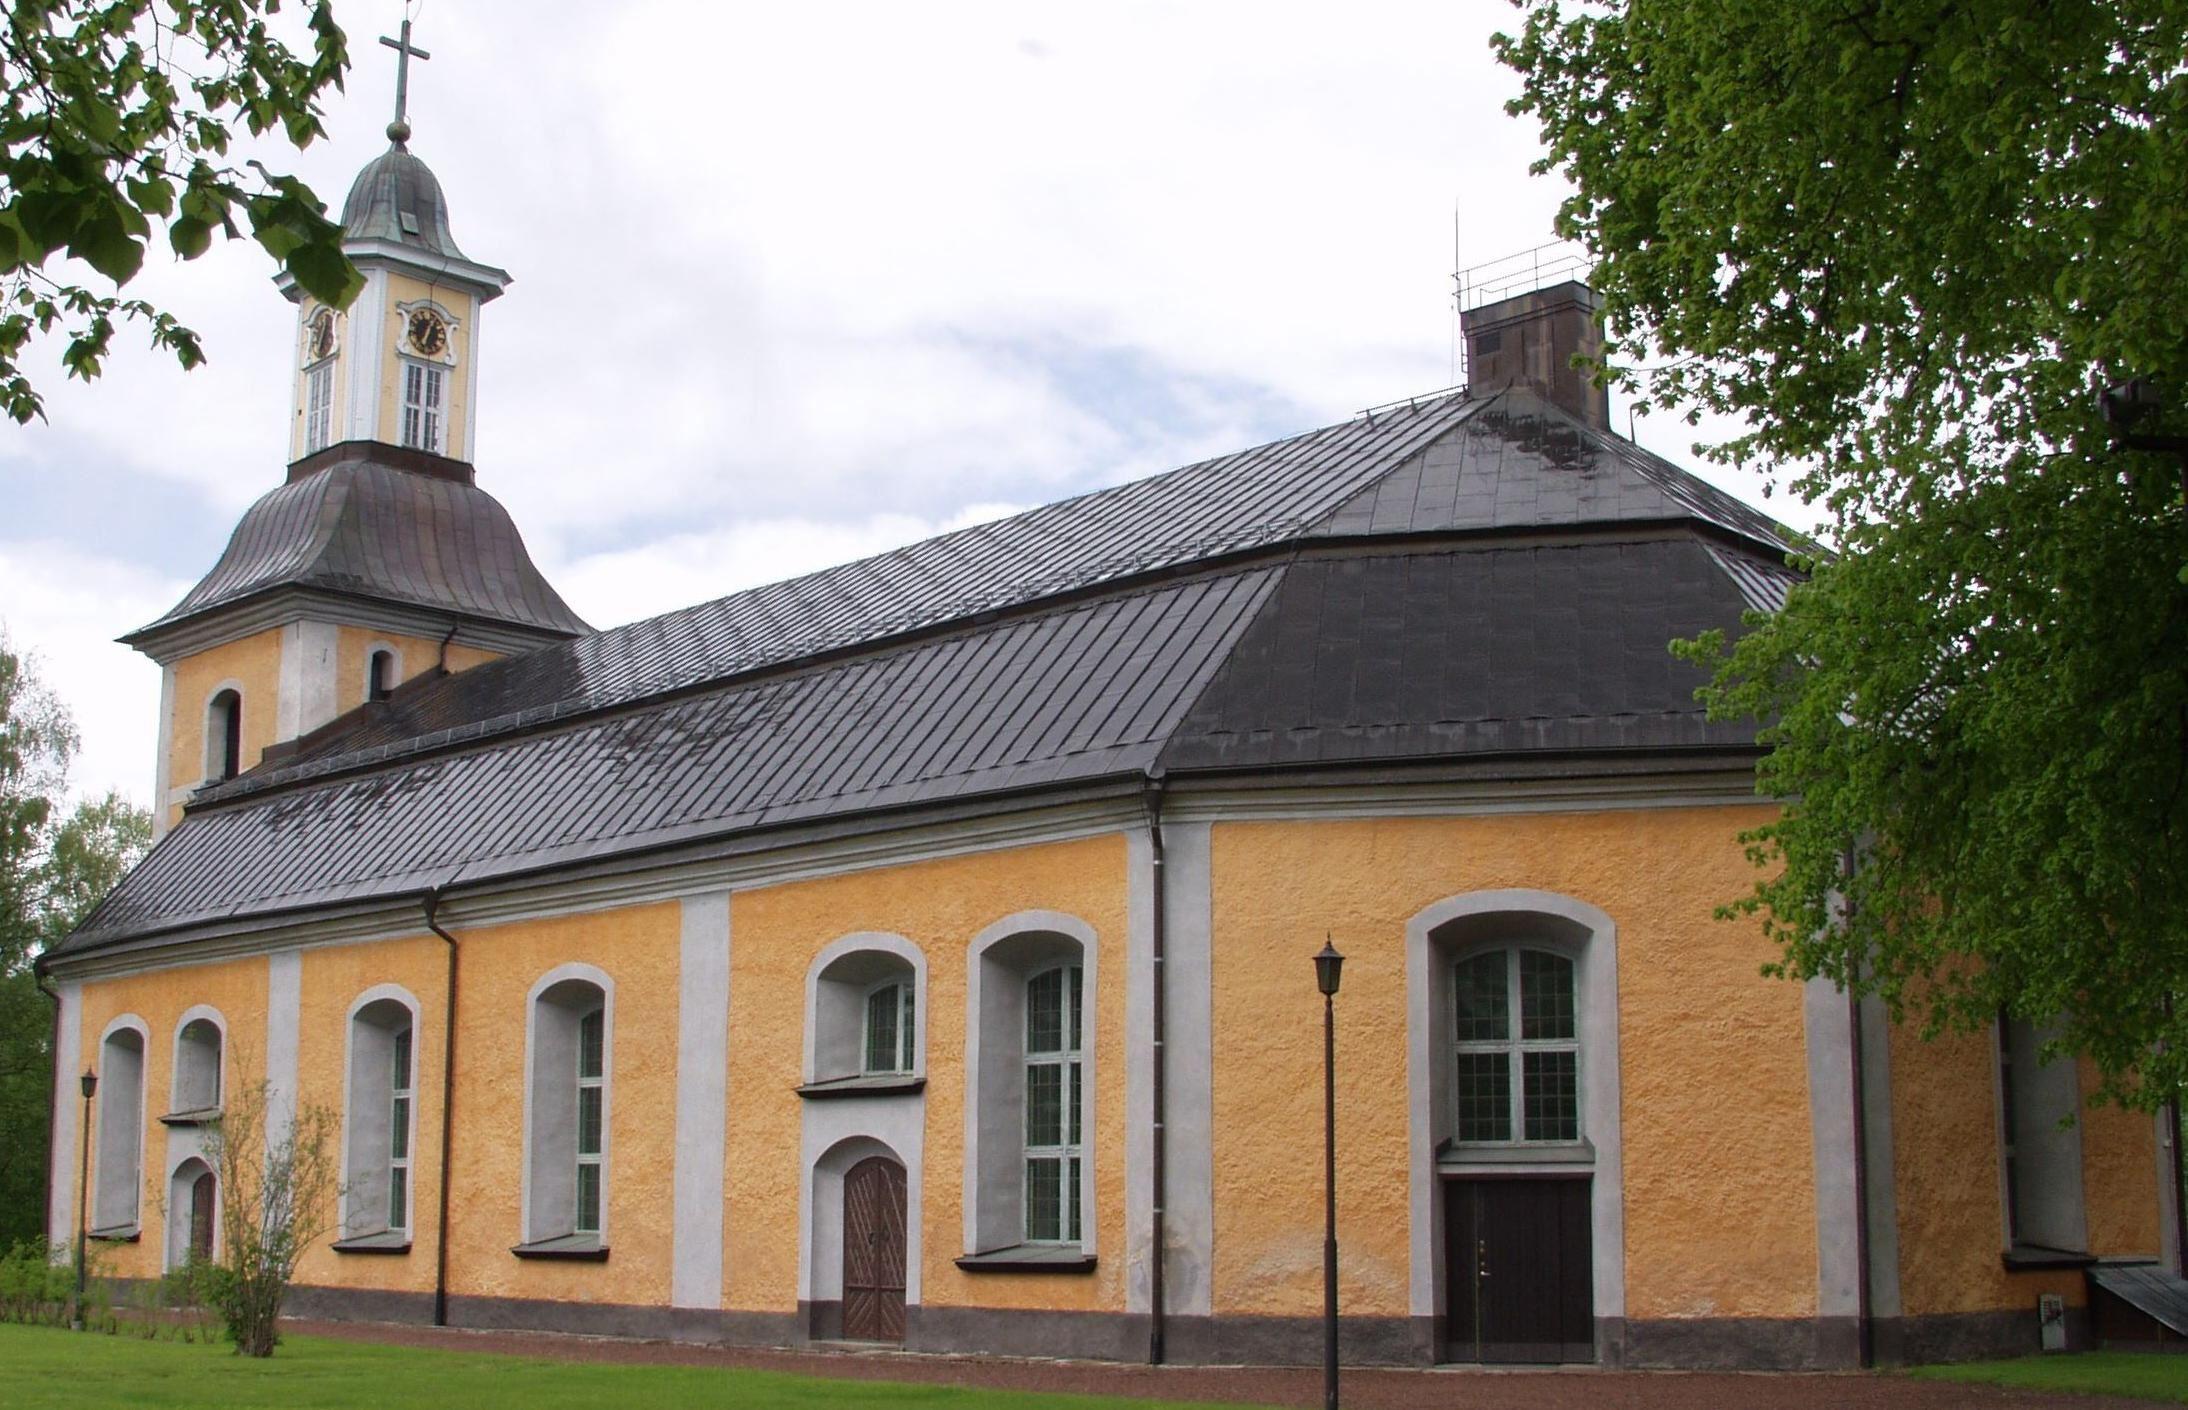 Gudstjänst i Gustafs kyrka